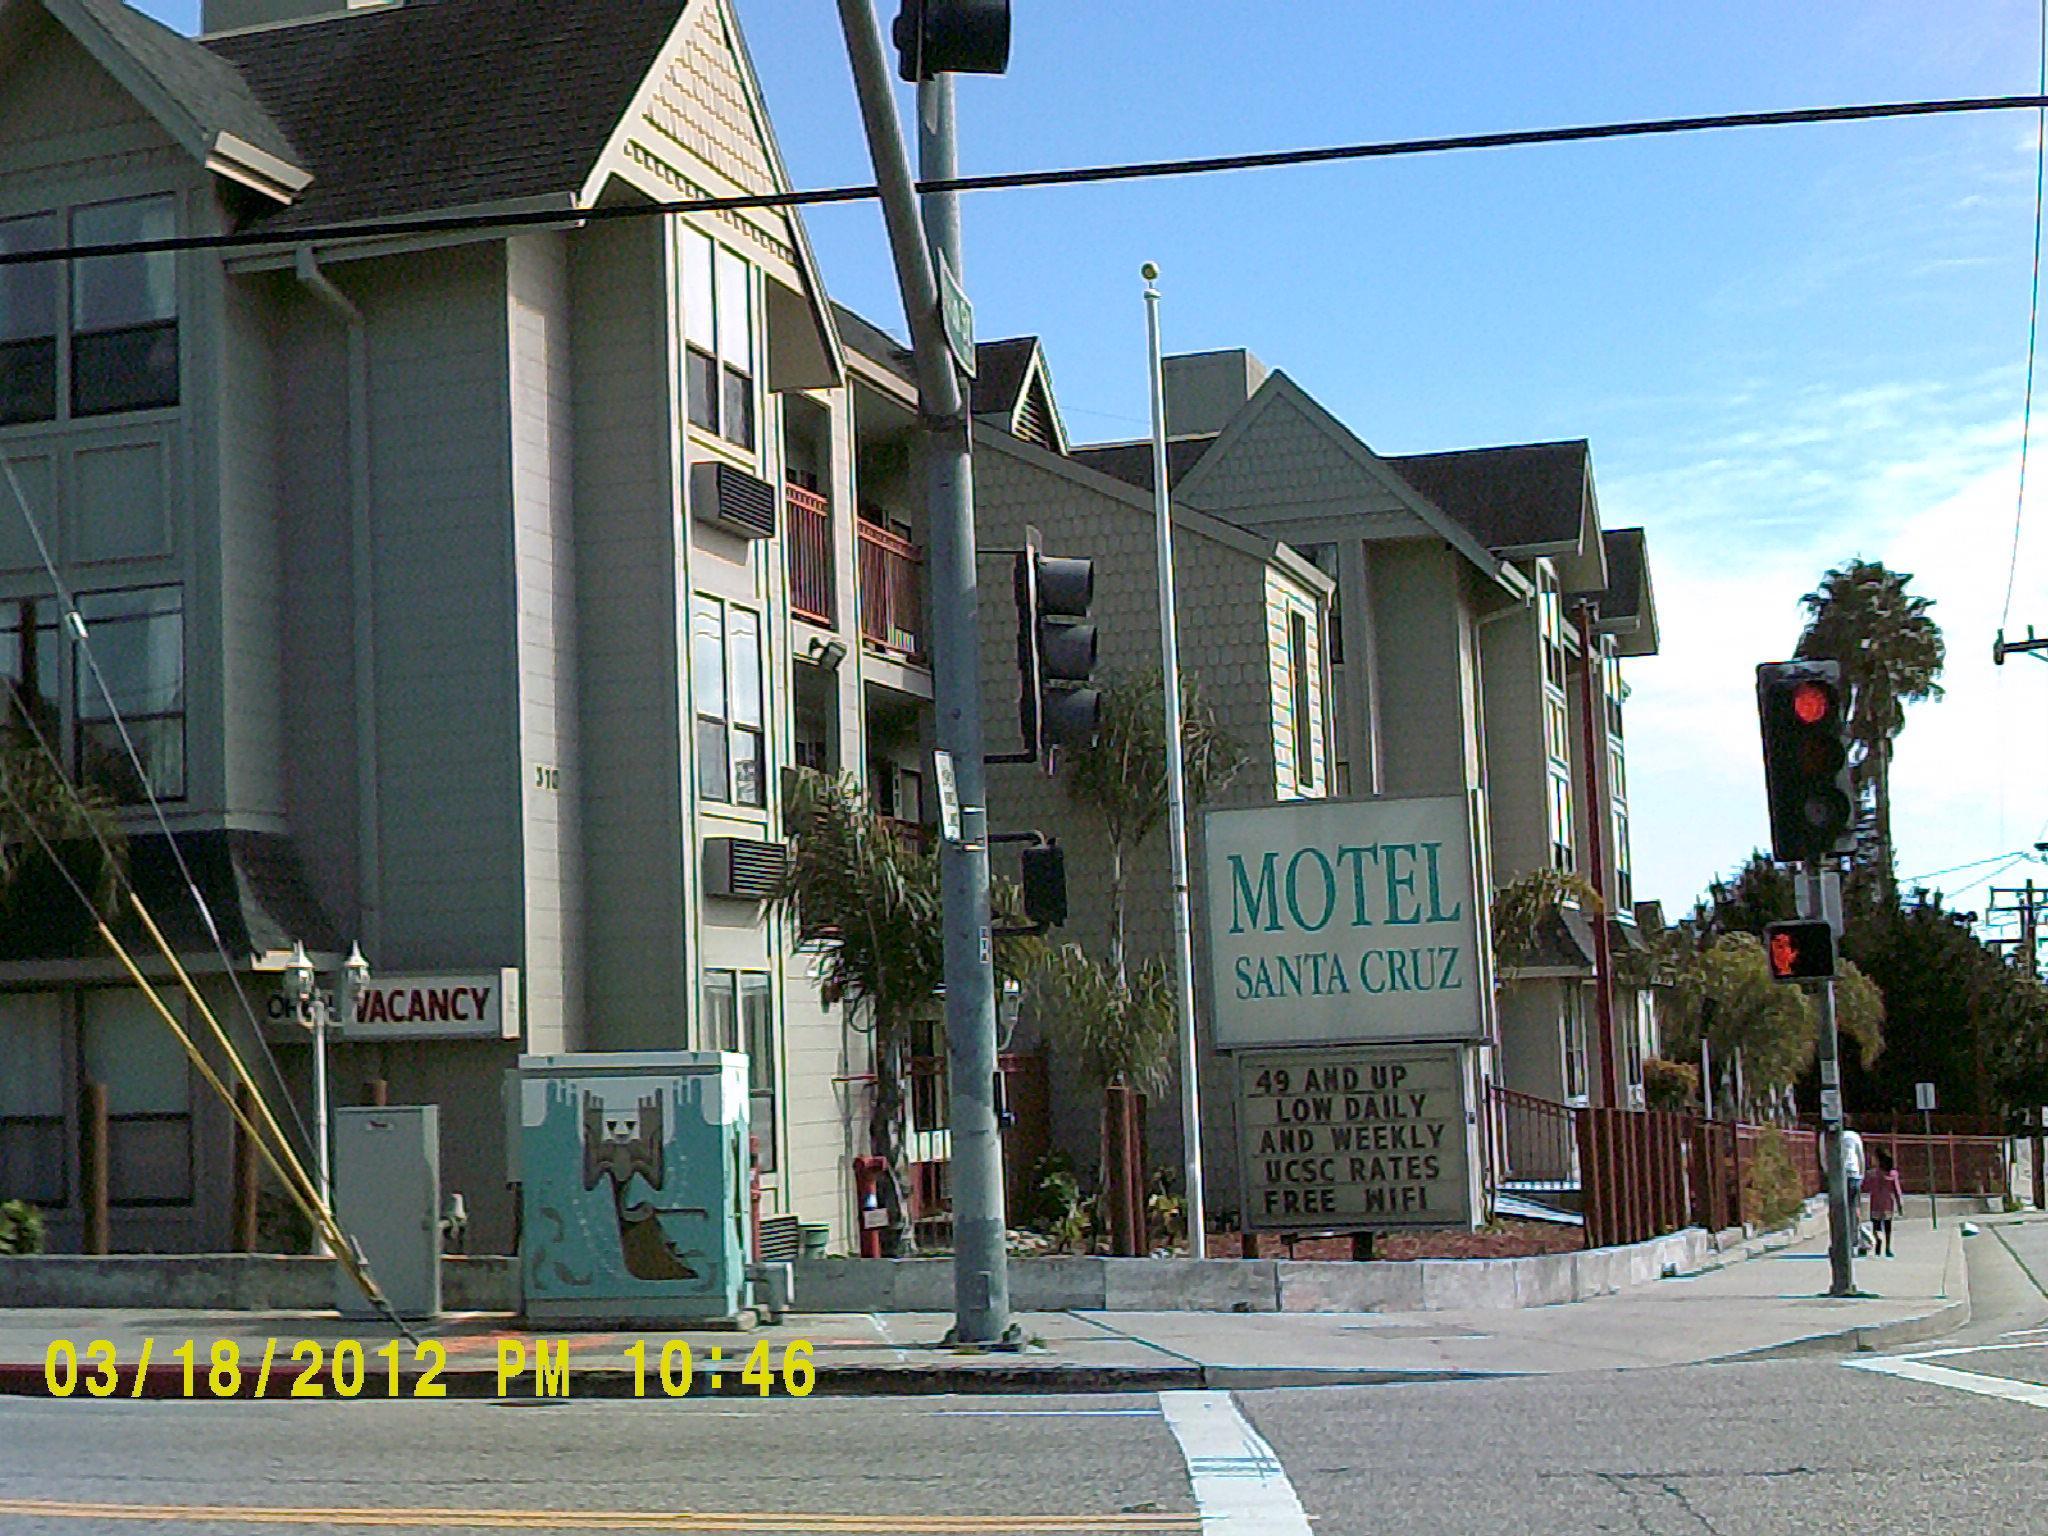 Motel Santa Cruz Santa Cruz